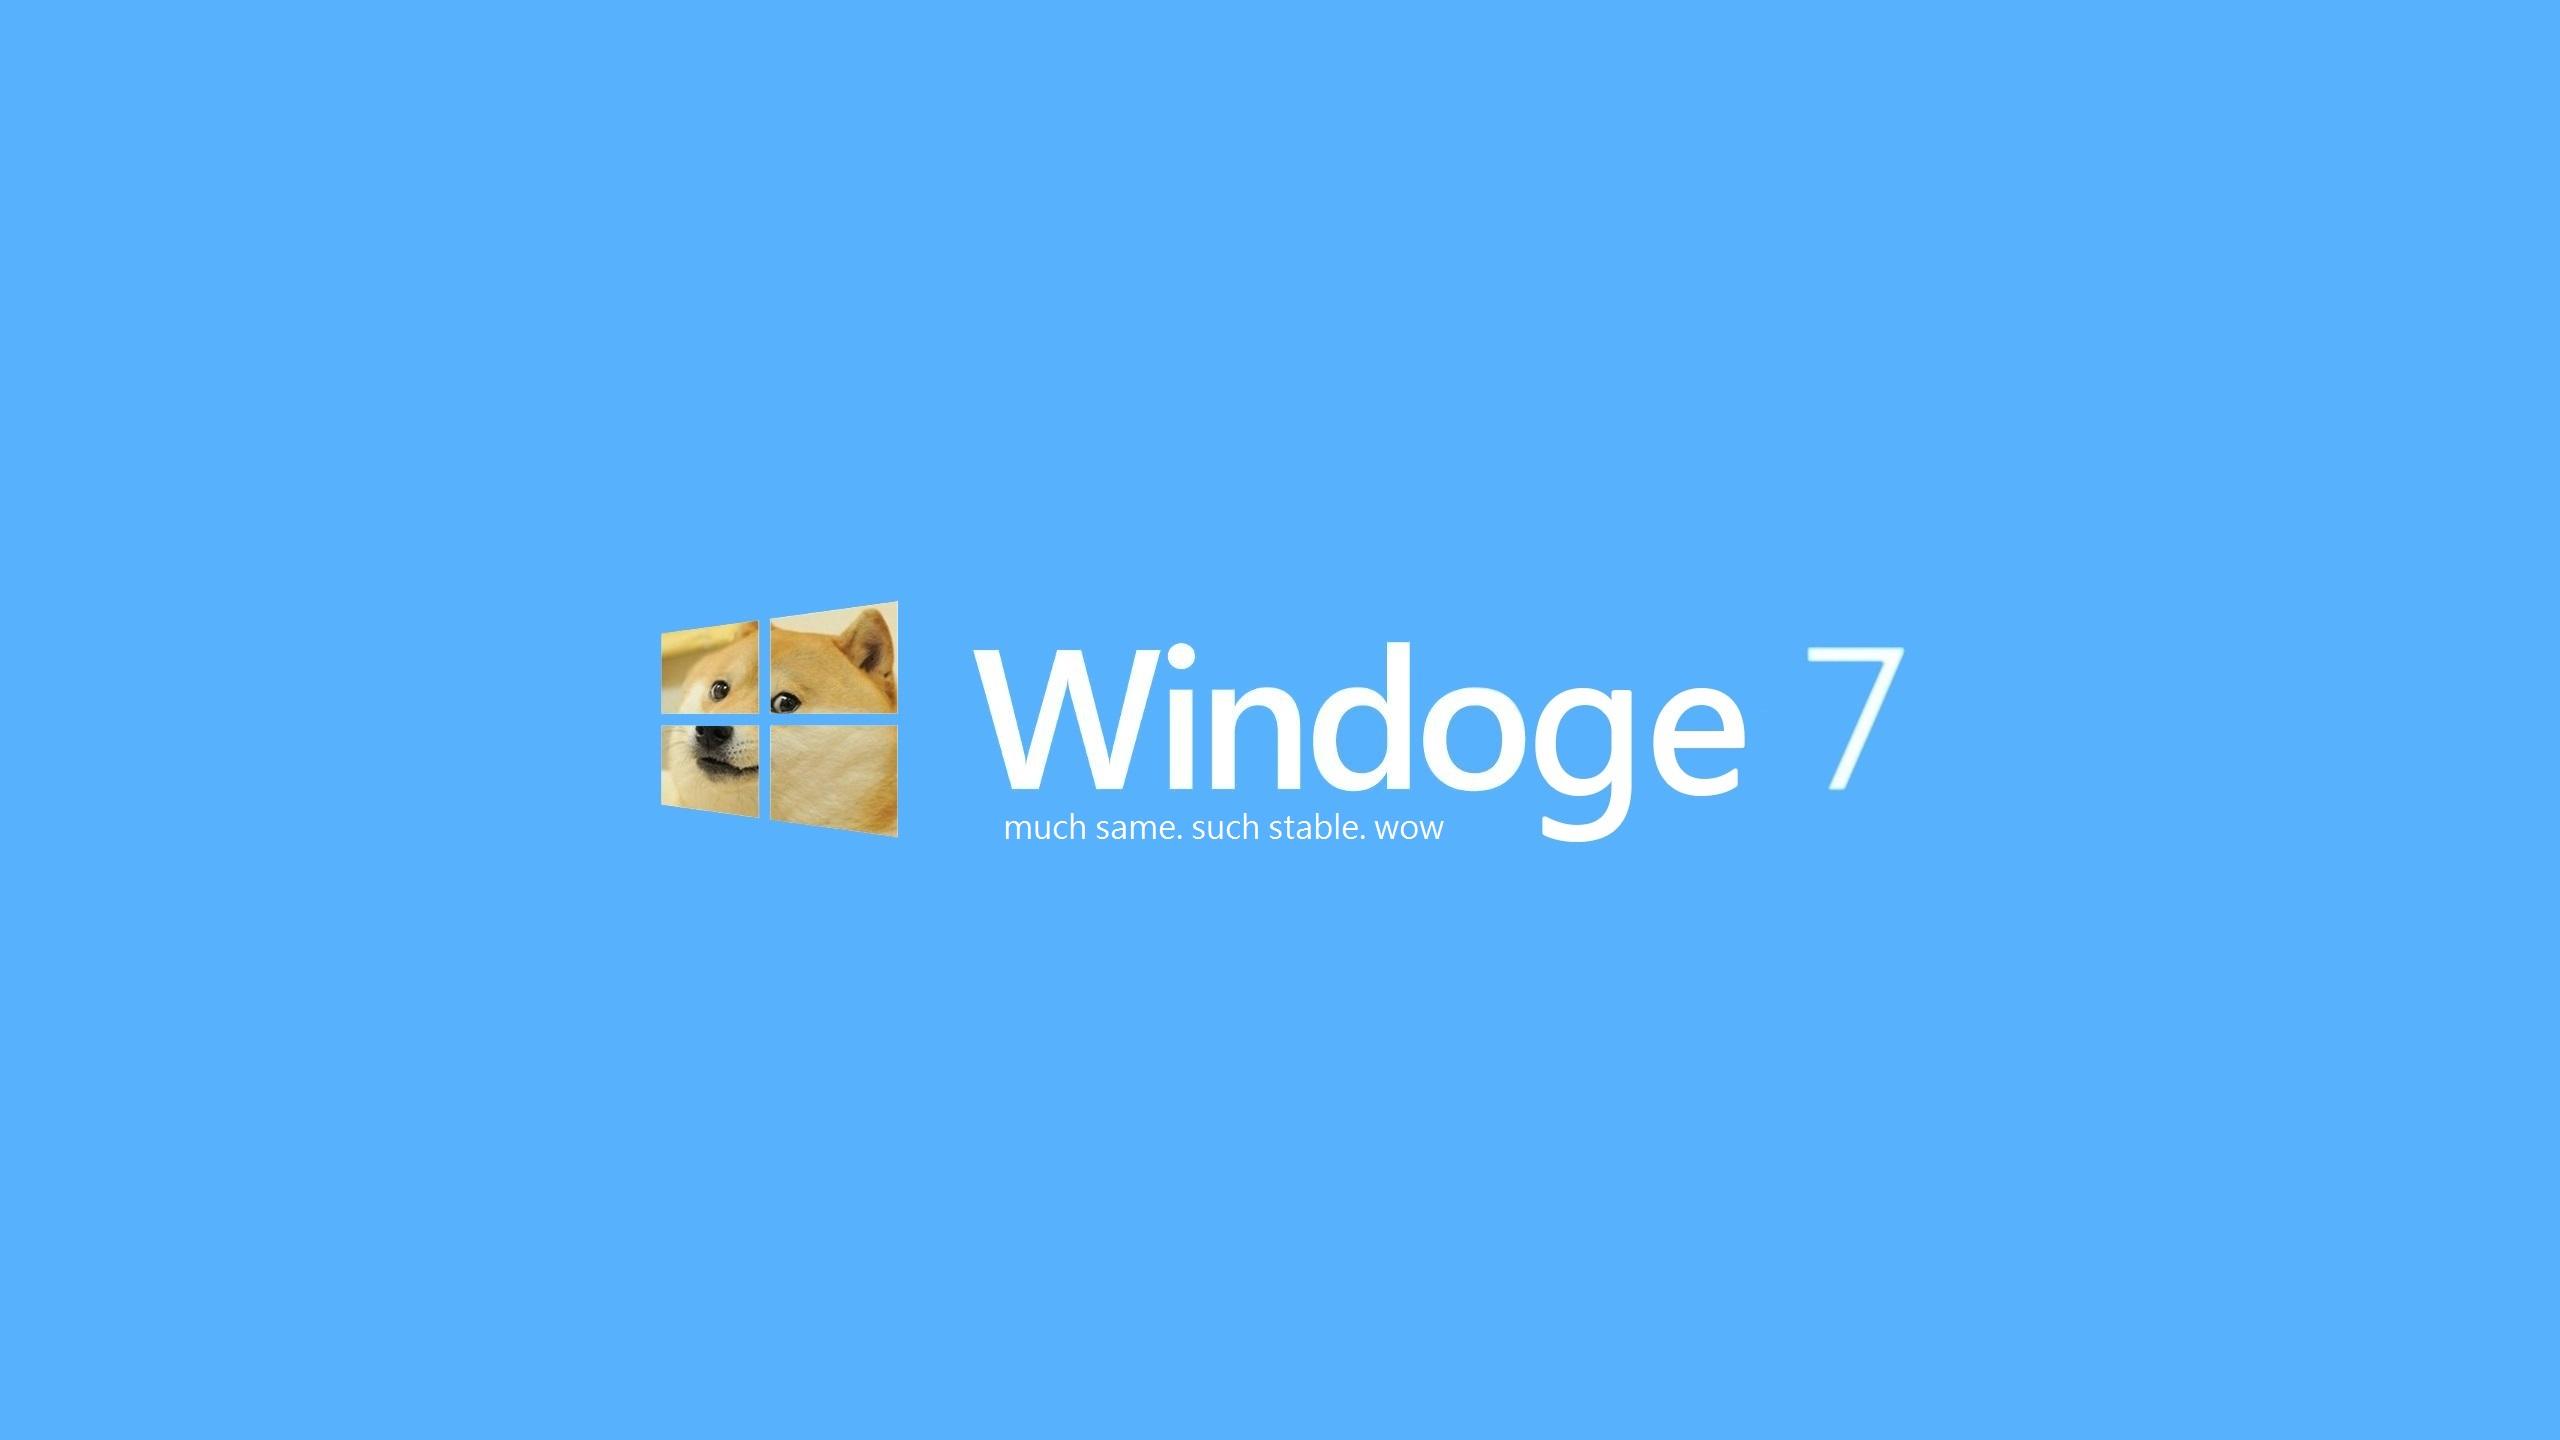 Windoge Wallpaper Wallpaper Windoge 7 HD...